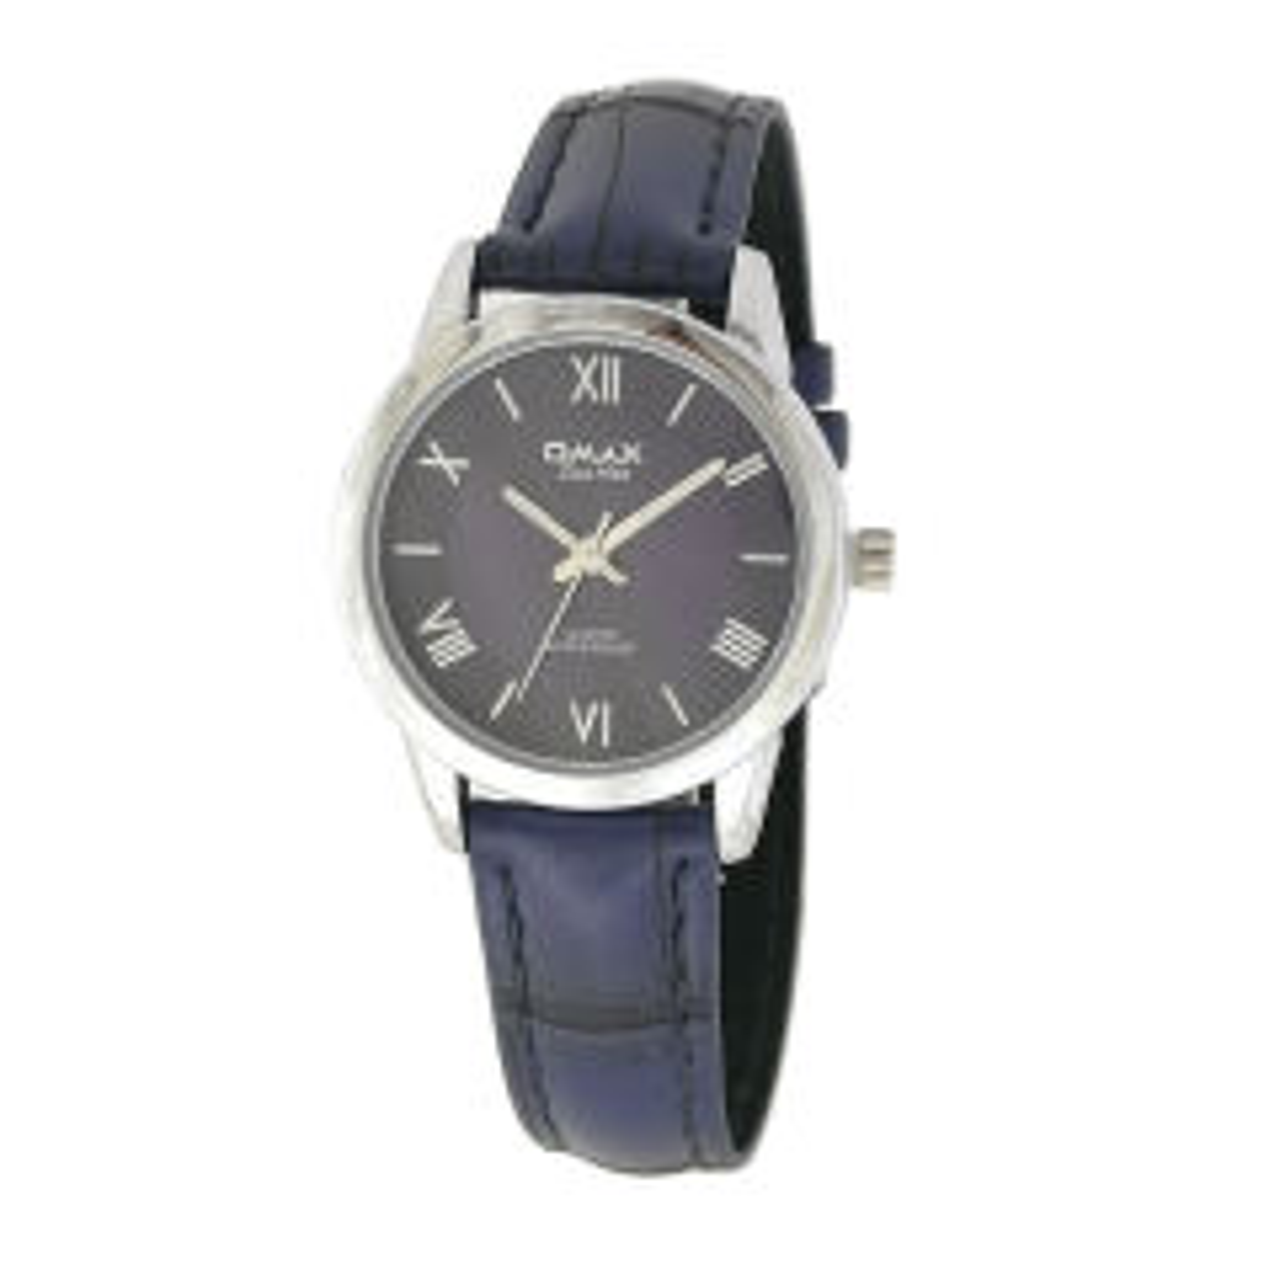 ساعت مچی عقربه ای زنانه اوماکس مدل pr0004s به همراه دستمال مخصوص برند کلین واچ 24